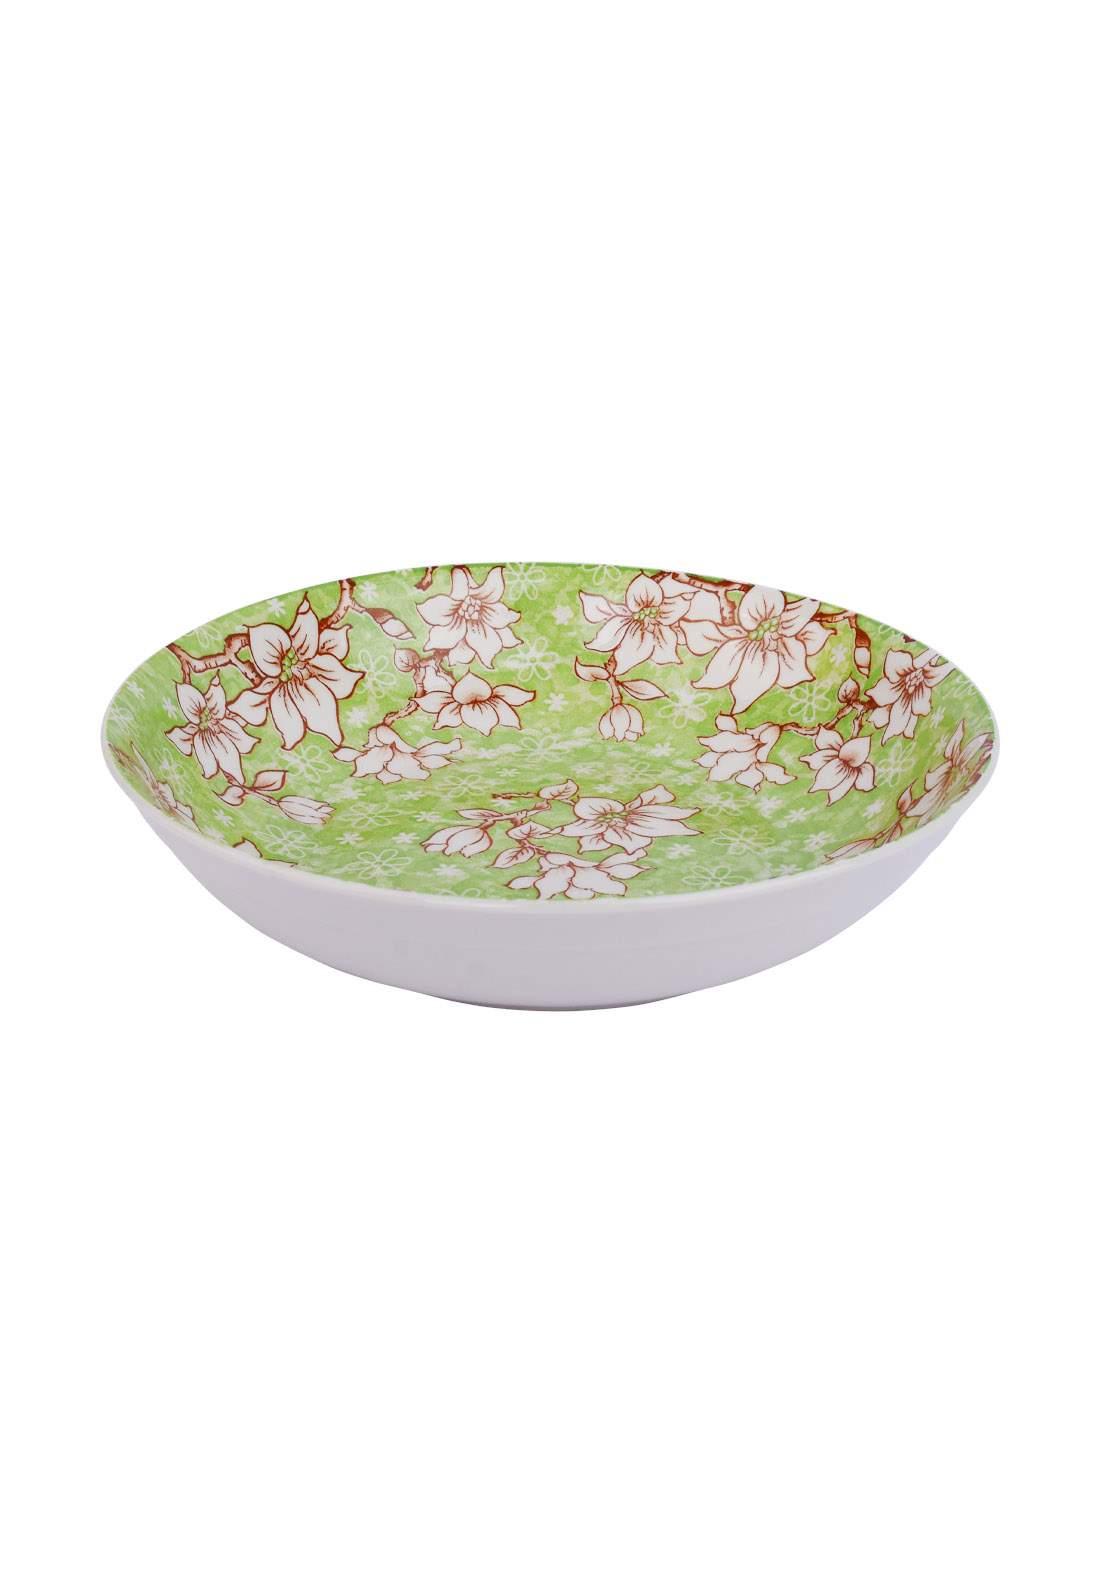 وعاء سيراميك قطعة واحدة اخضر اللون